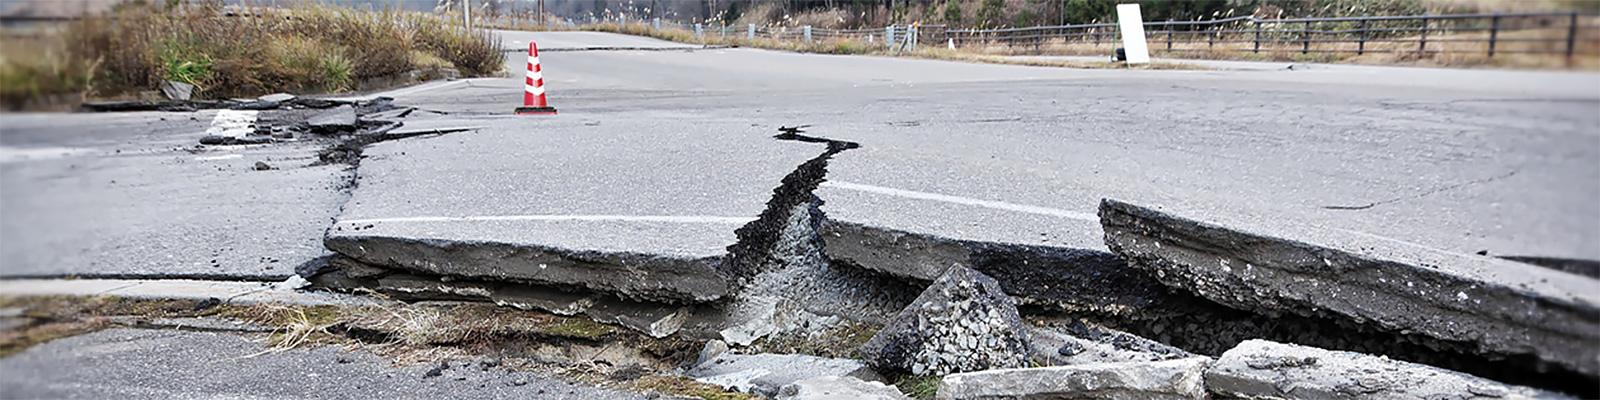 災害 道路 イメージ